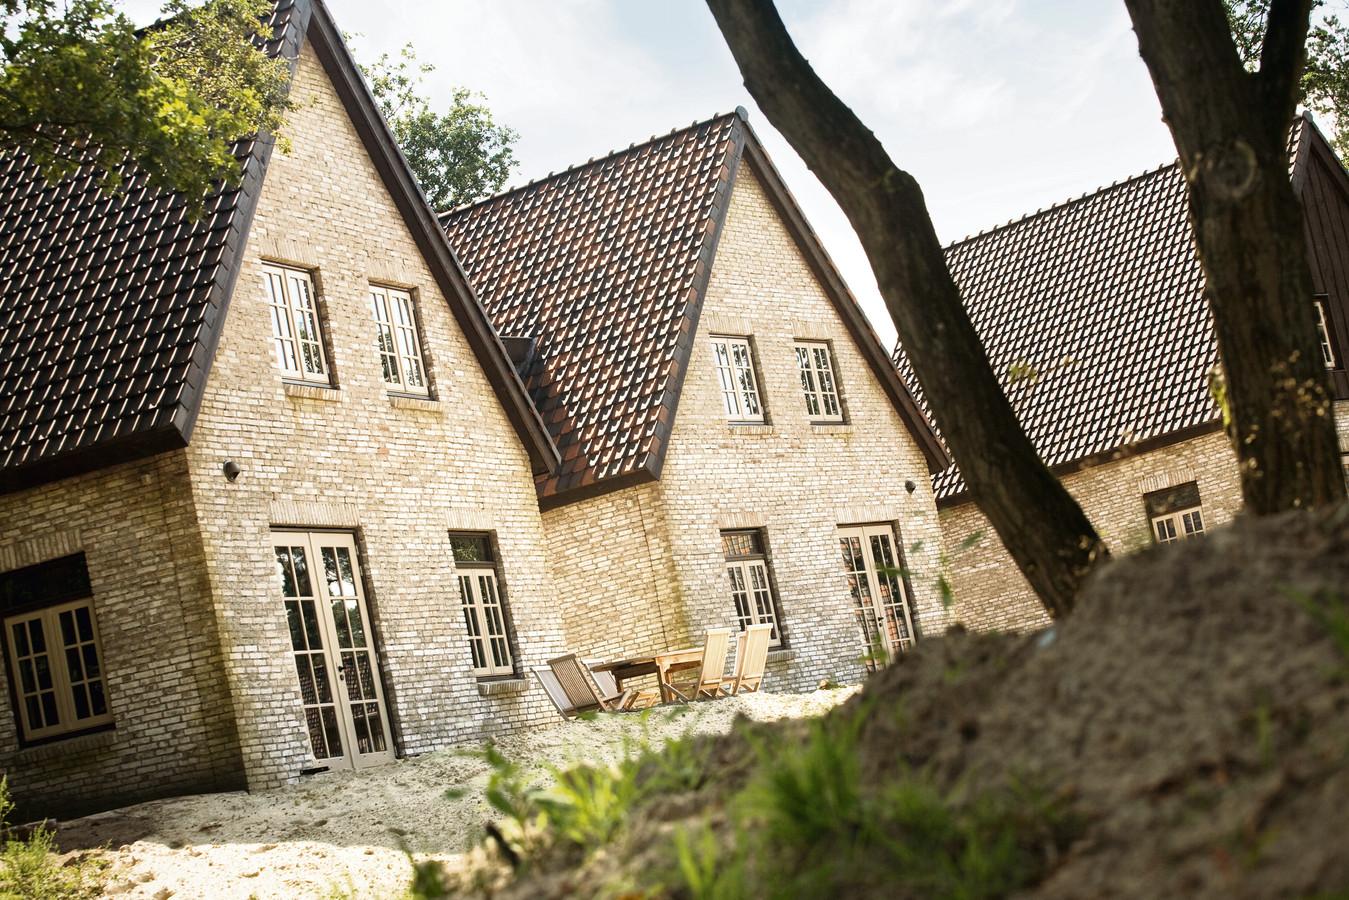 Een bungalow van Efteling-vakantiepark Bosrijk.  In een van de huisjes is afgelopen zomer een pornofilm ingeblikt waarbij een vrouw en meerdere mannen aan deelnamen.